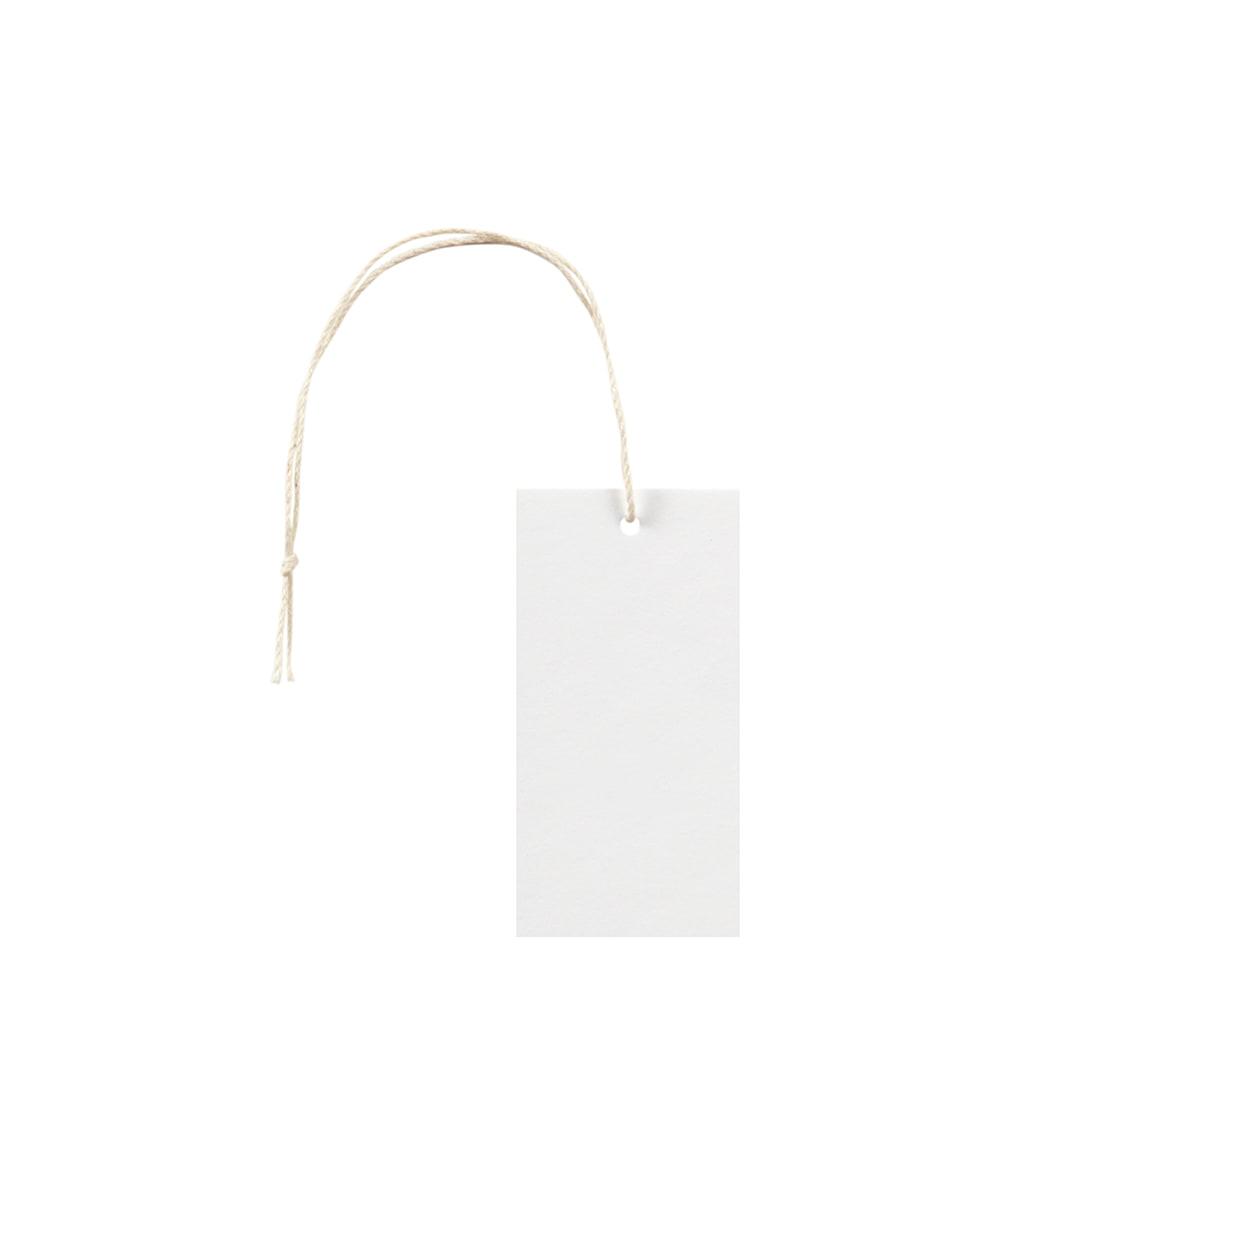 タグ35×70四角形 コットンスノーホワイト 232.8g タグ紐(細)コットン生成